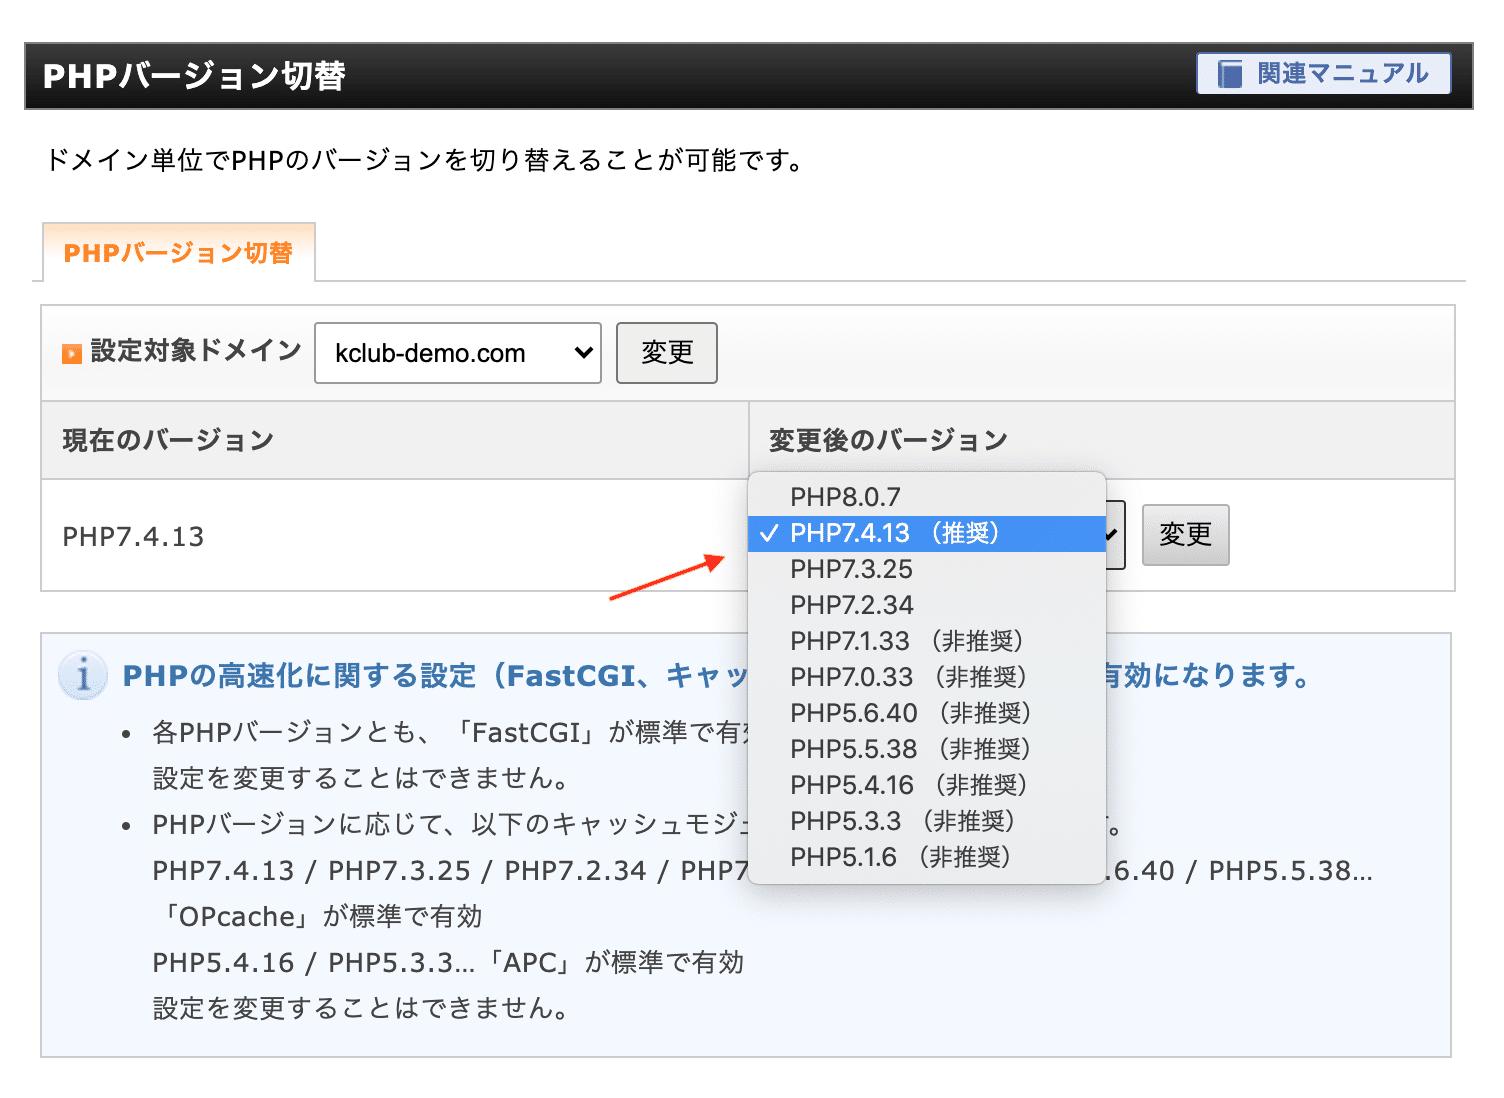 ドロップダウンからPHPのバージョンを変更